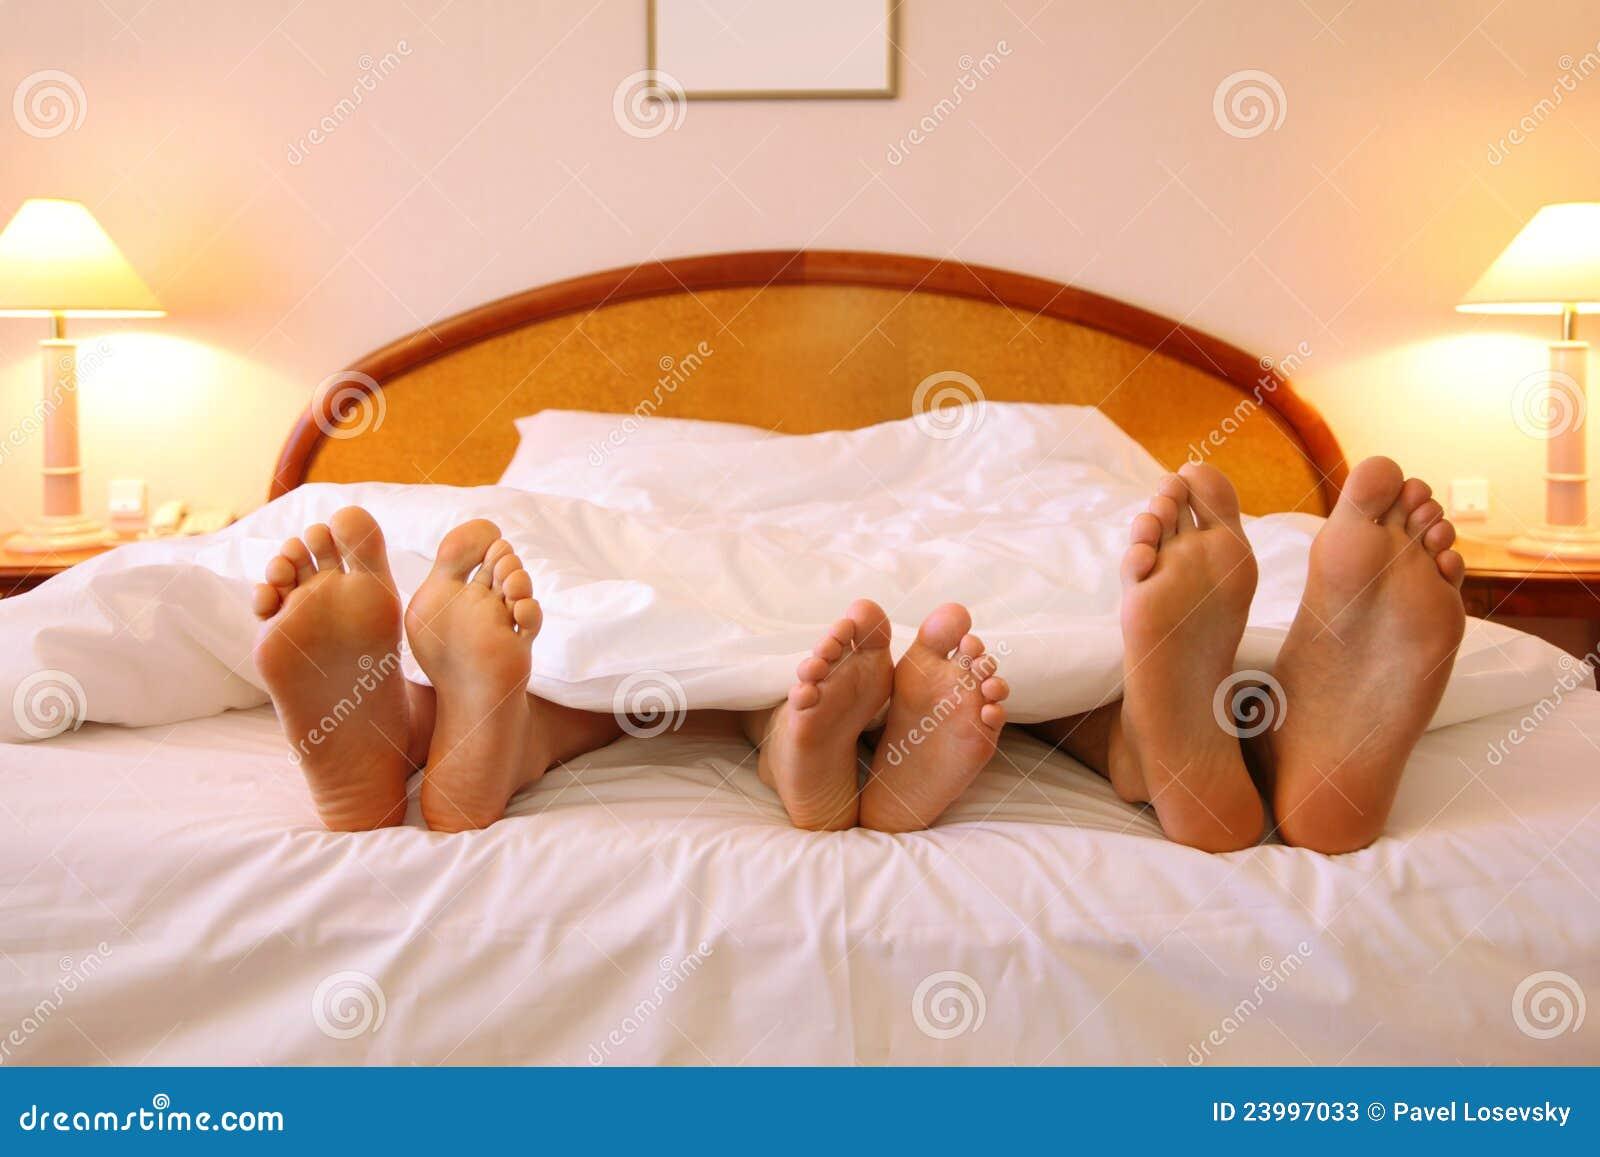 Стянул одеяло с сестры, Сводный брат забрался в постель к спящей сестре 27 фотография